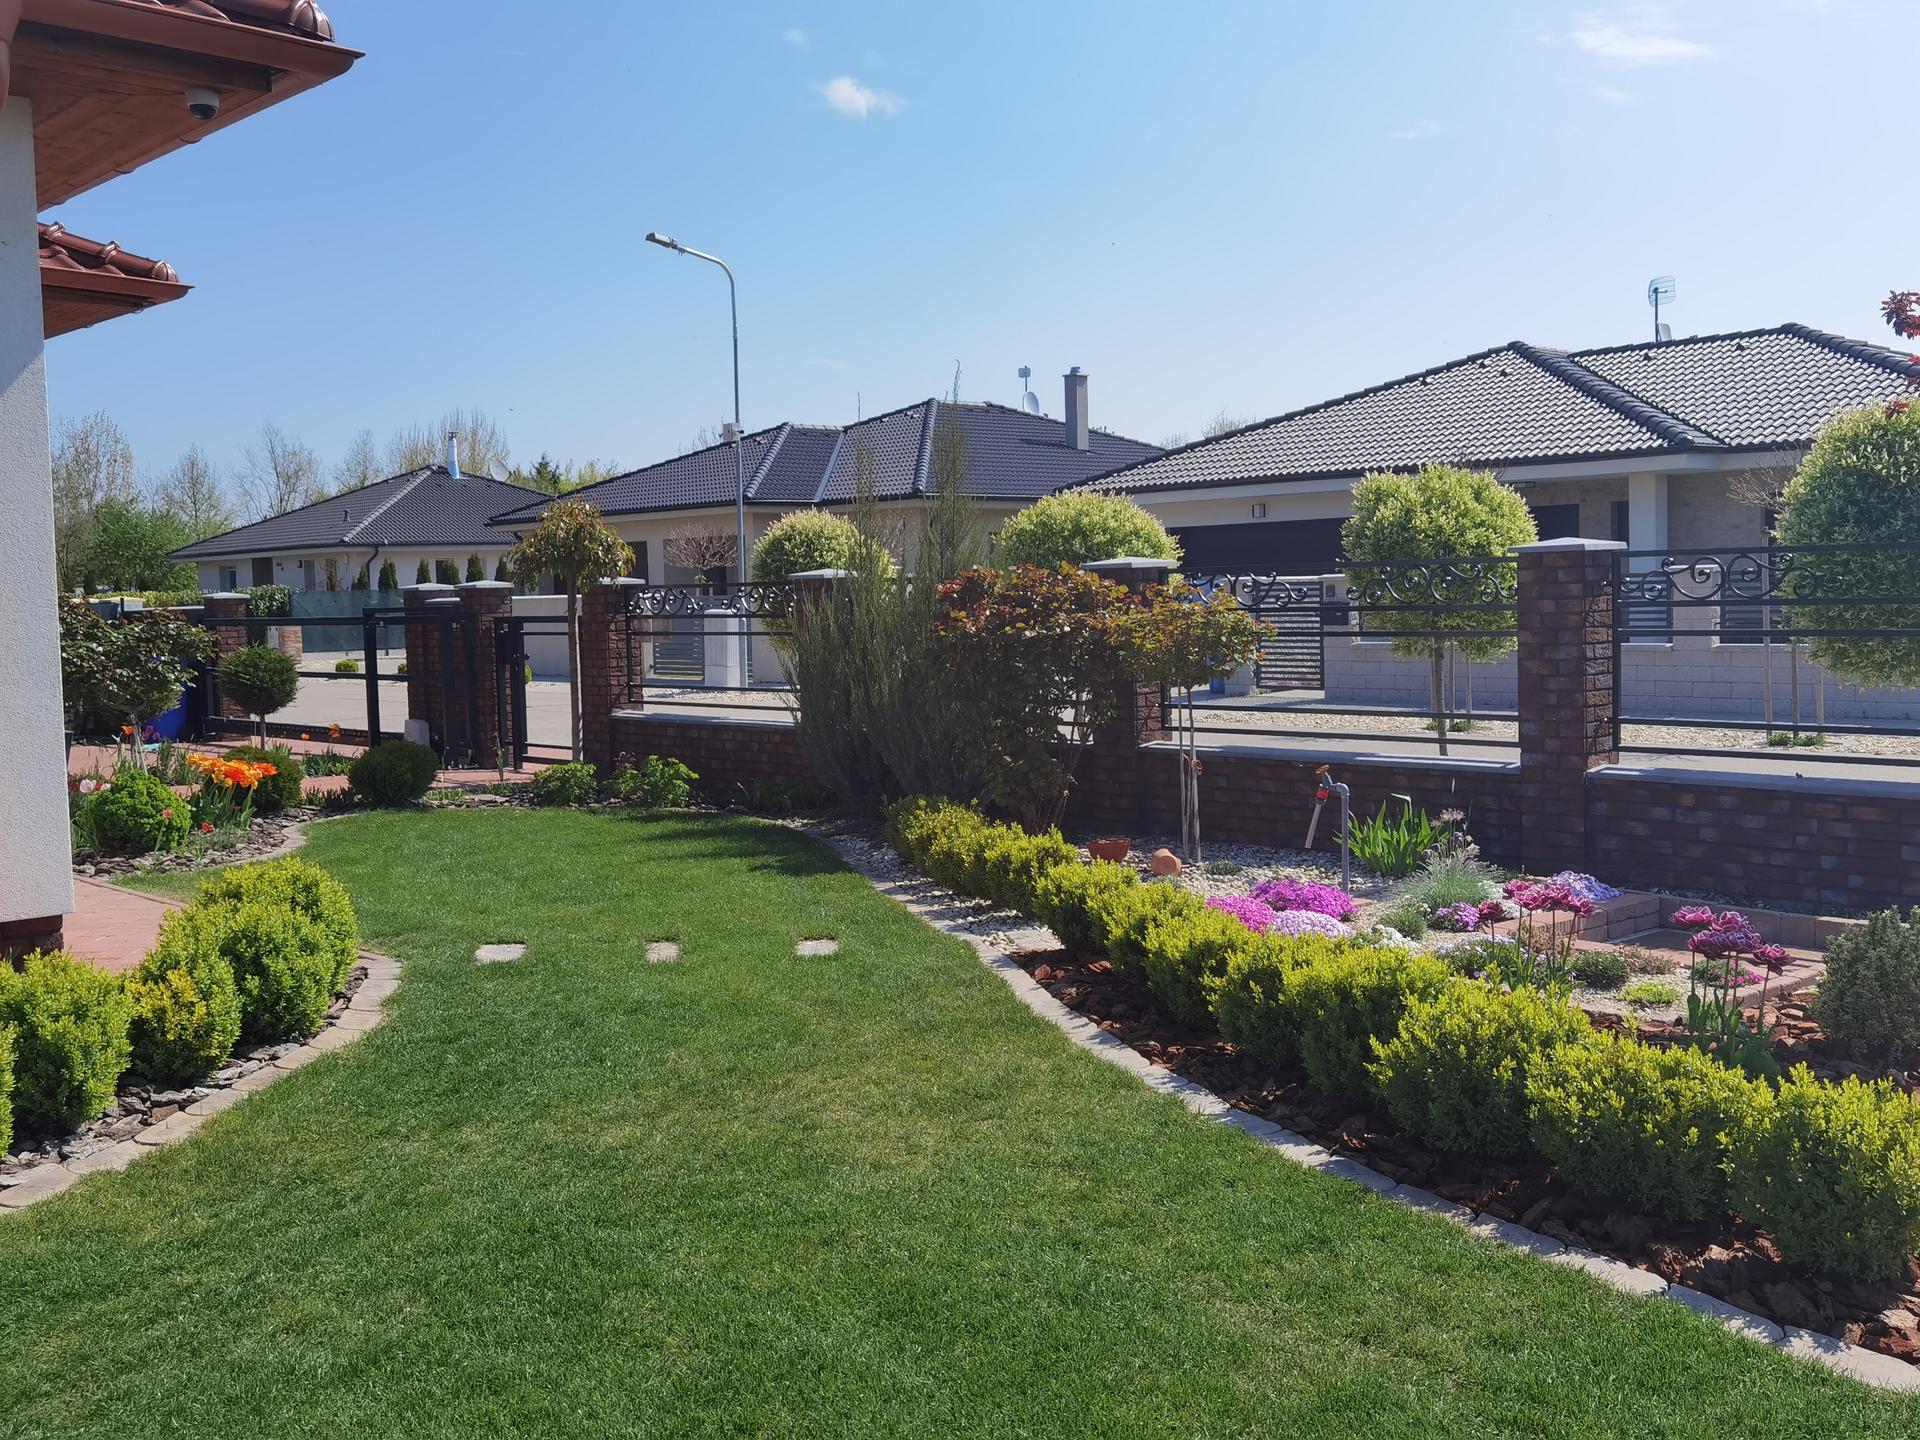 Záhrada 2021 - Obrázok č. 5